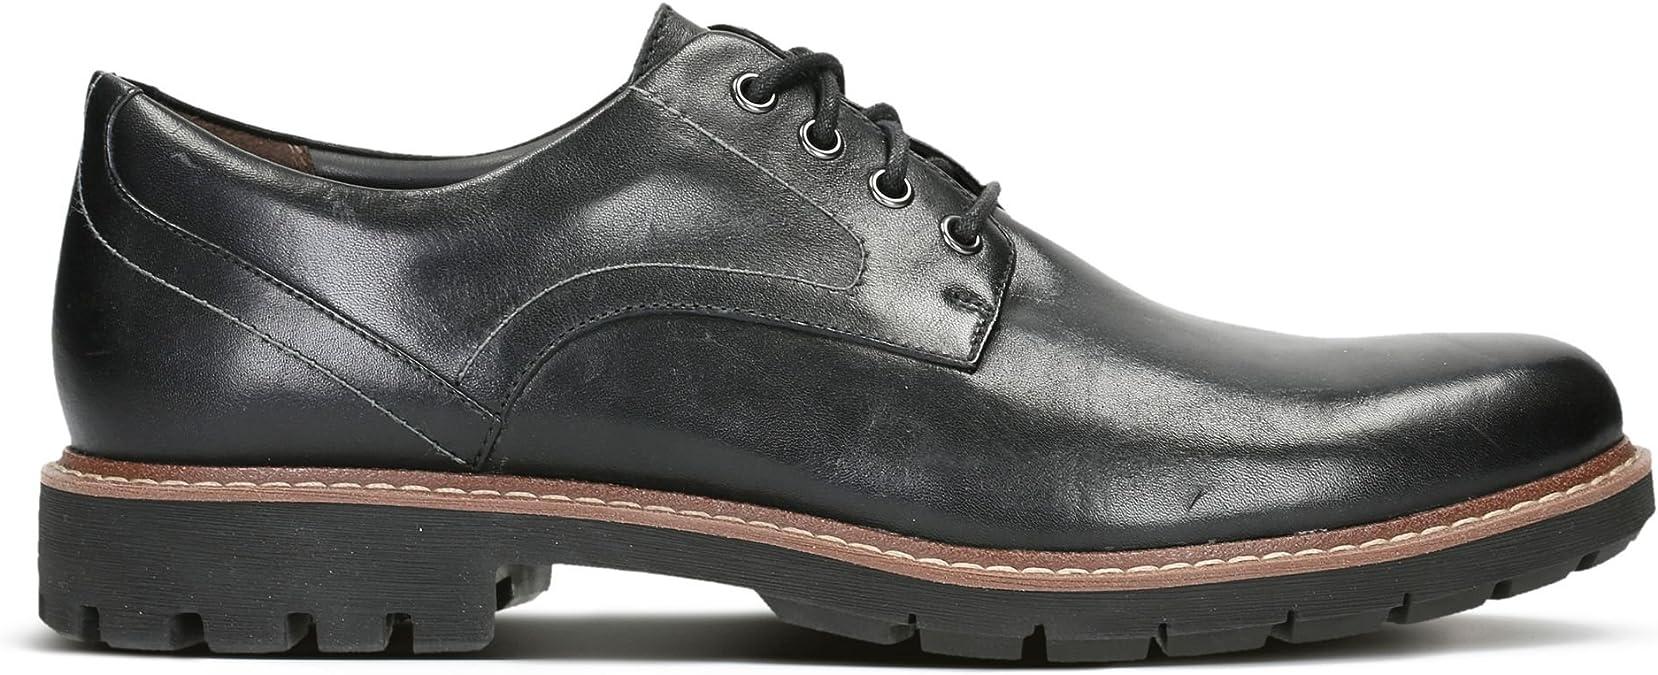 TALLA 43 EU. Clarks Batcombe Hall Derby - Zapatos de Cordones  para Hombre